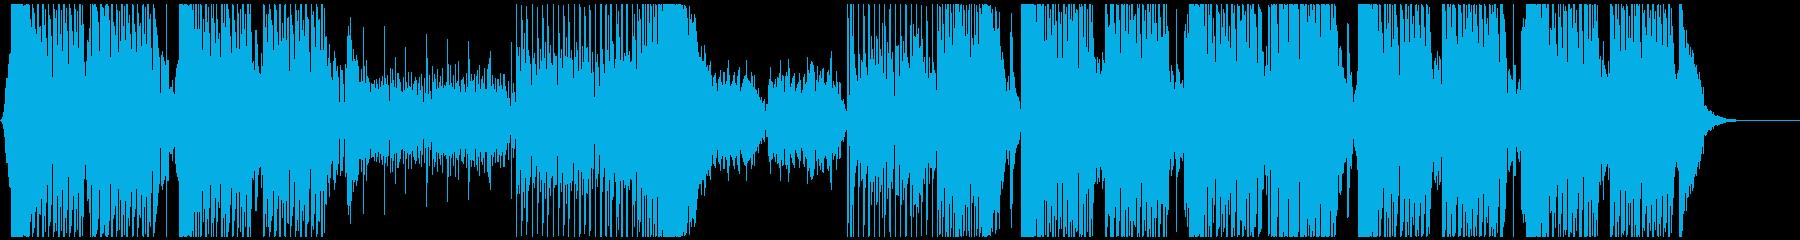 激しく切ないメロディの激しいEDMですの再生済みの波形